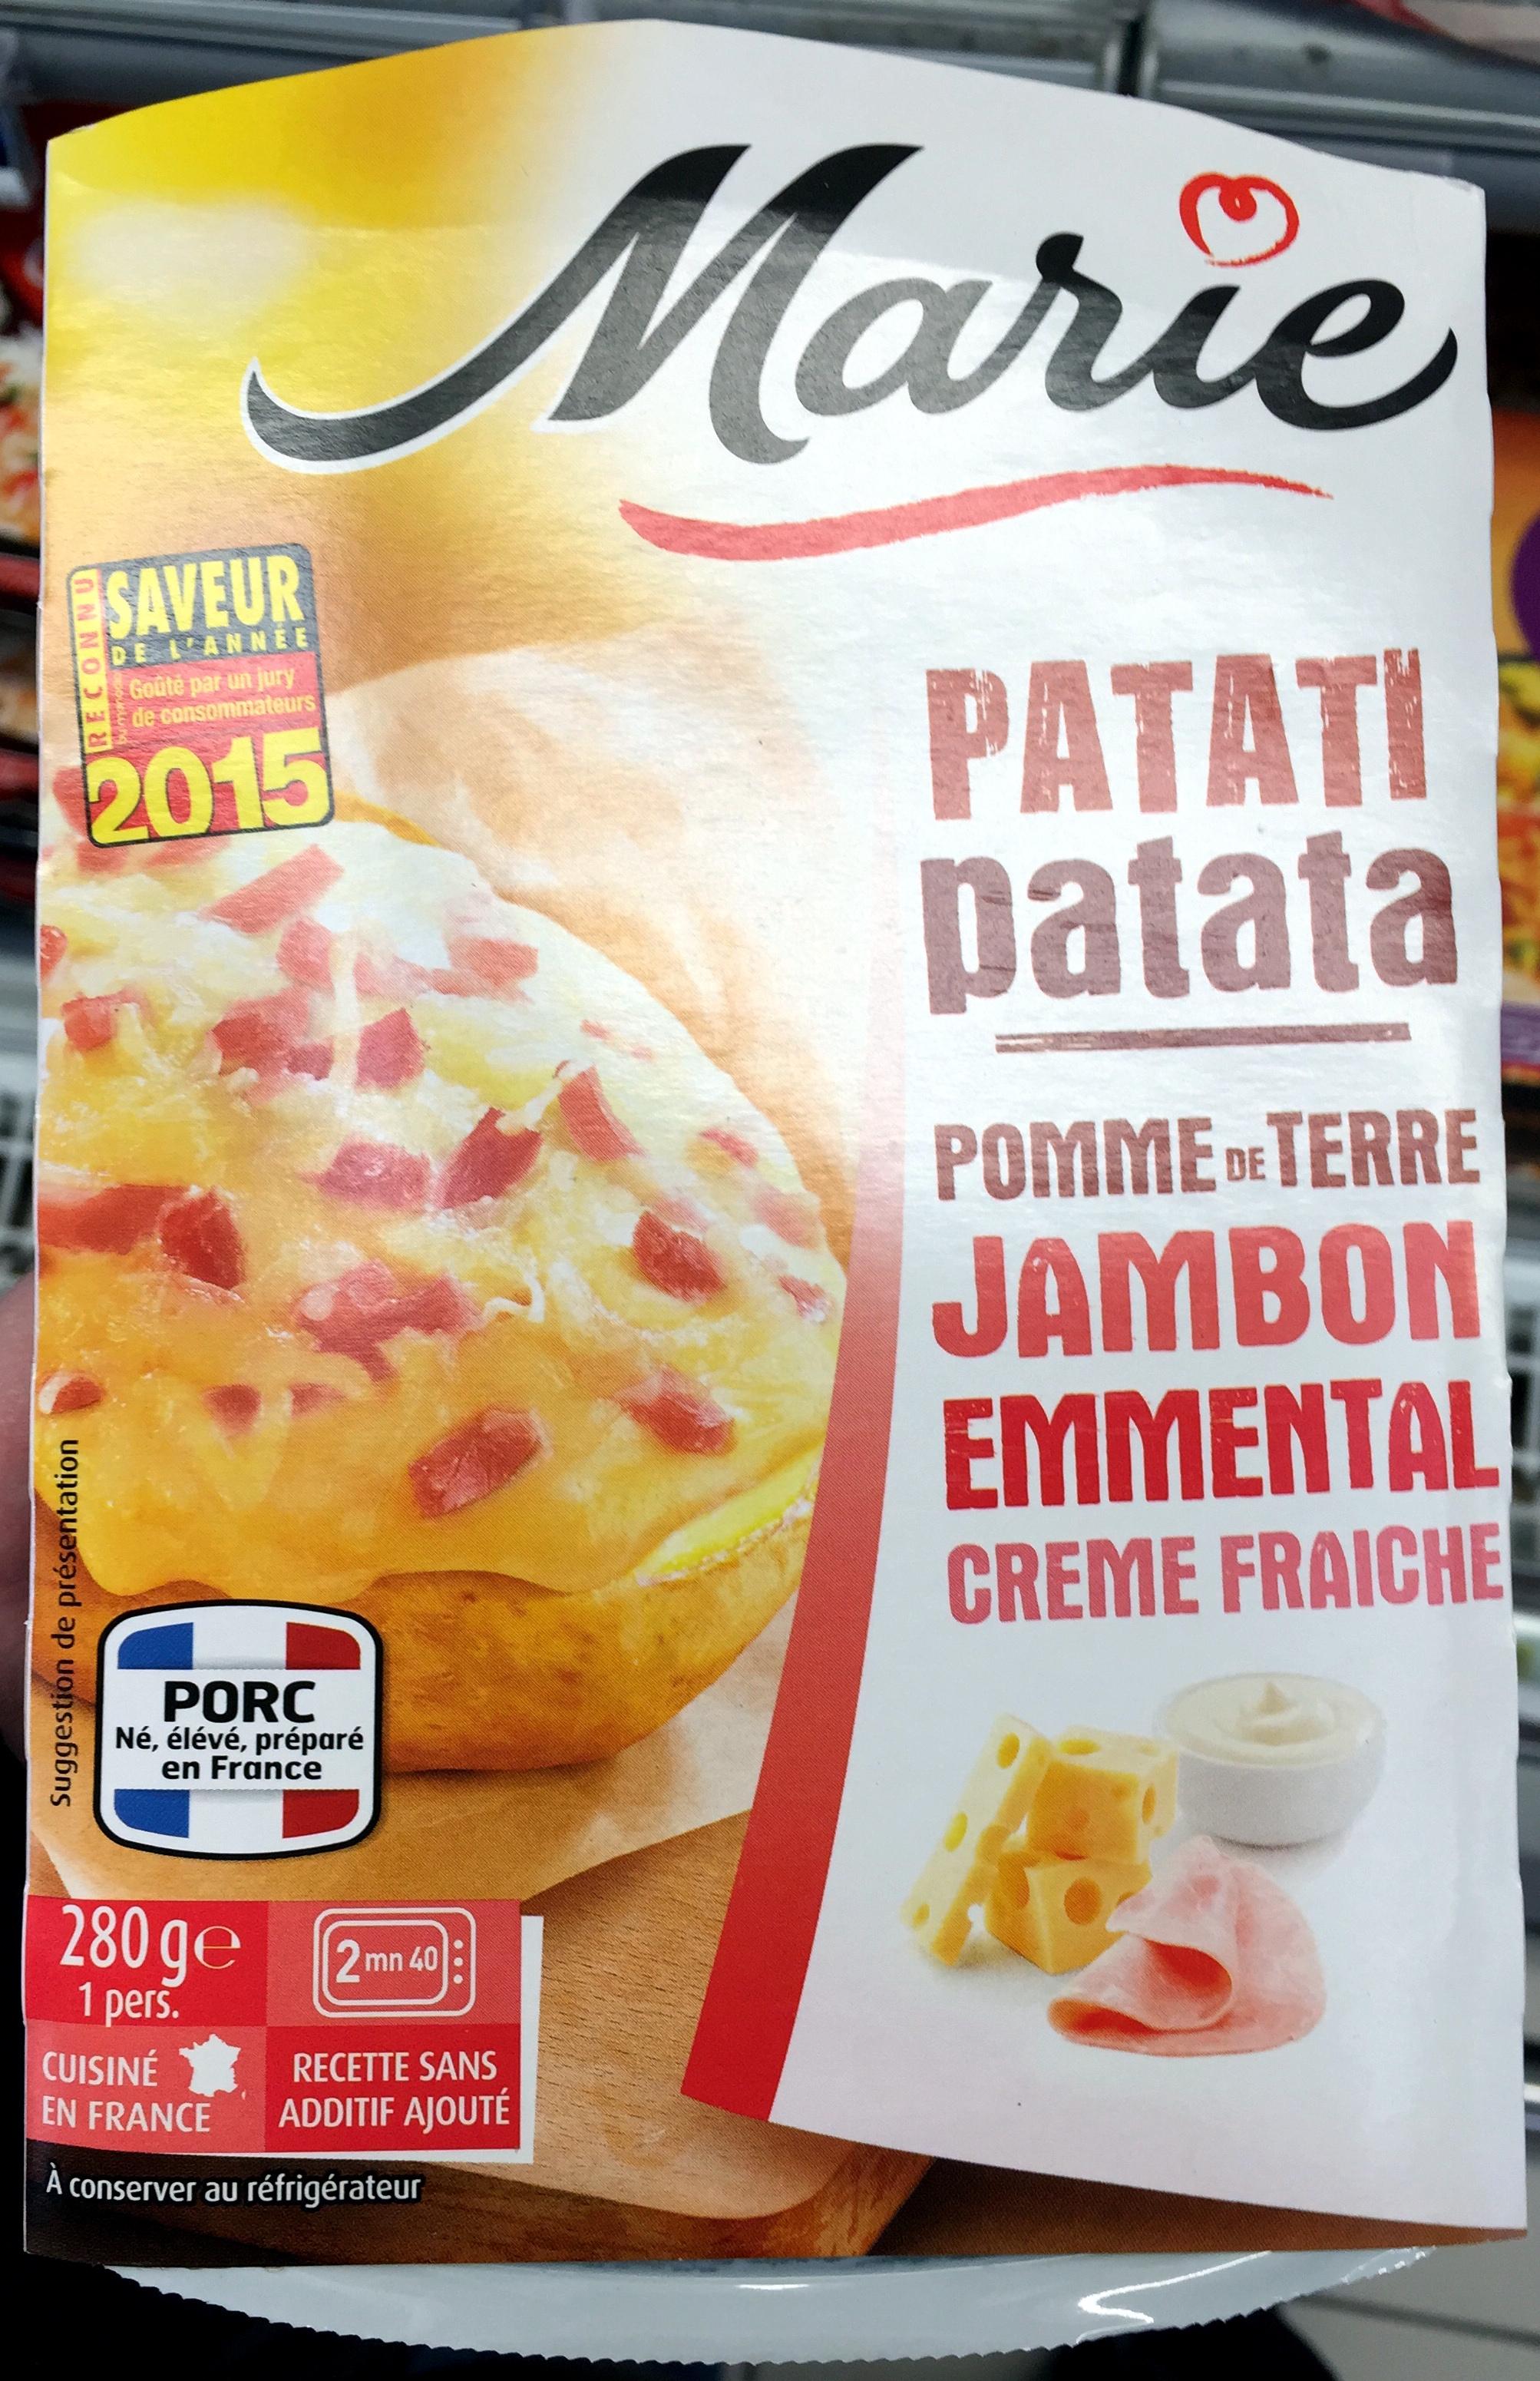 Patati Patata, Pomme de Terre Jambon Emmental Crème Fraîche - Produit - fr